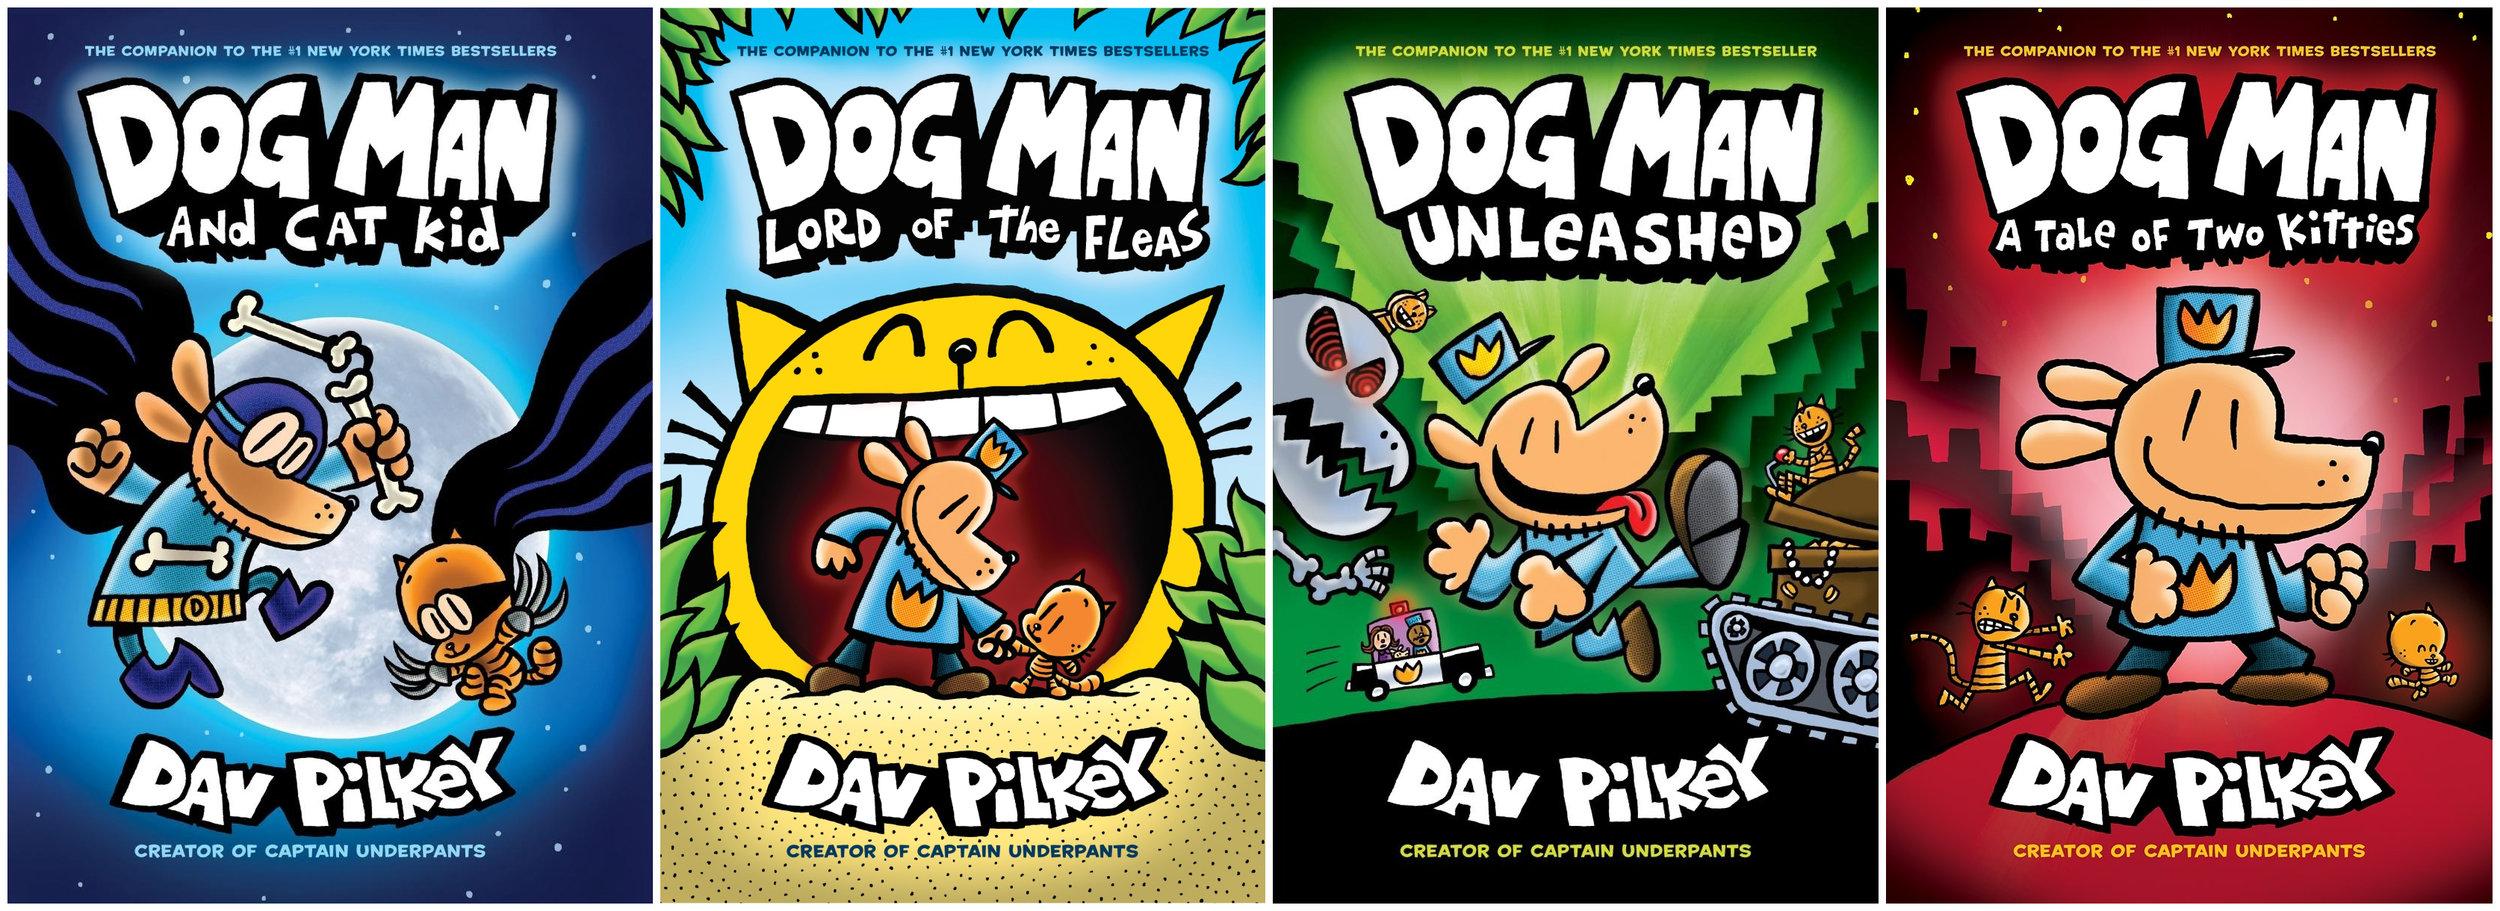 Cover images for all four Dav Pilkey books.